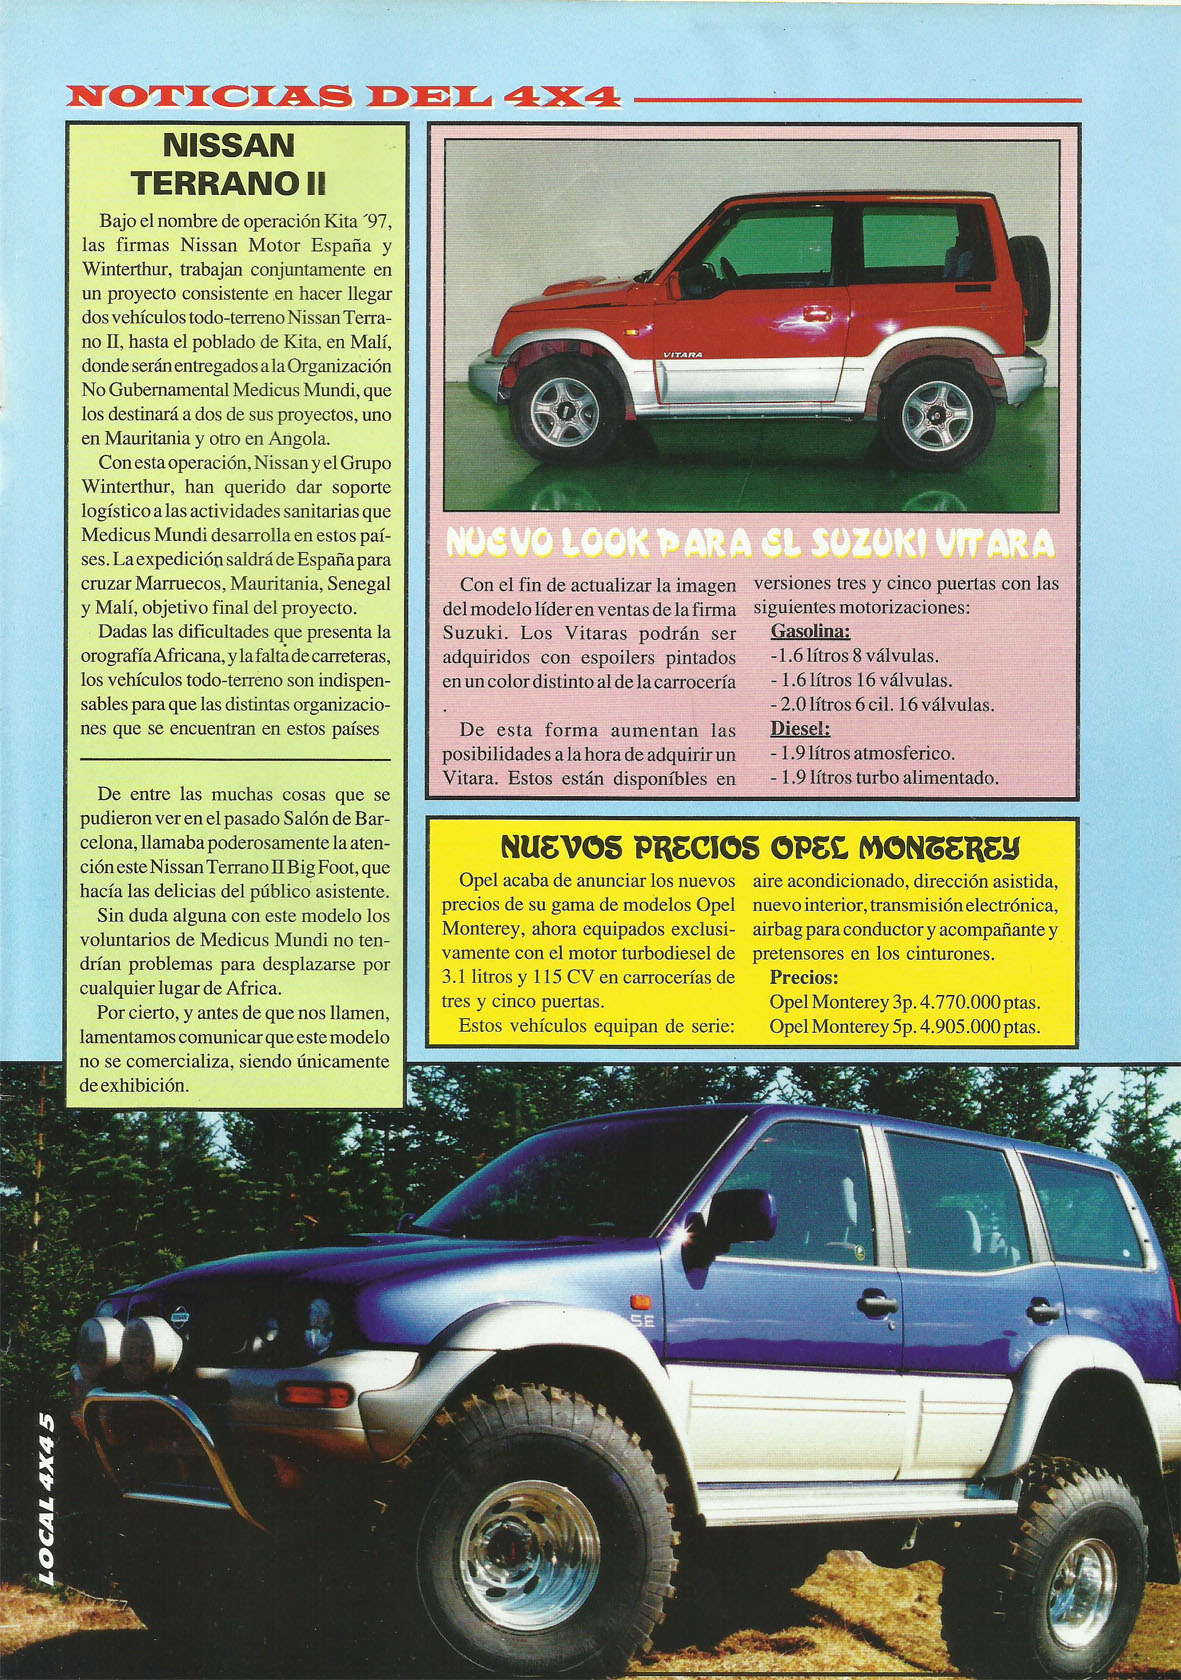 Revista Local 4x4 32 05 Noticias del 4x4